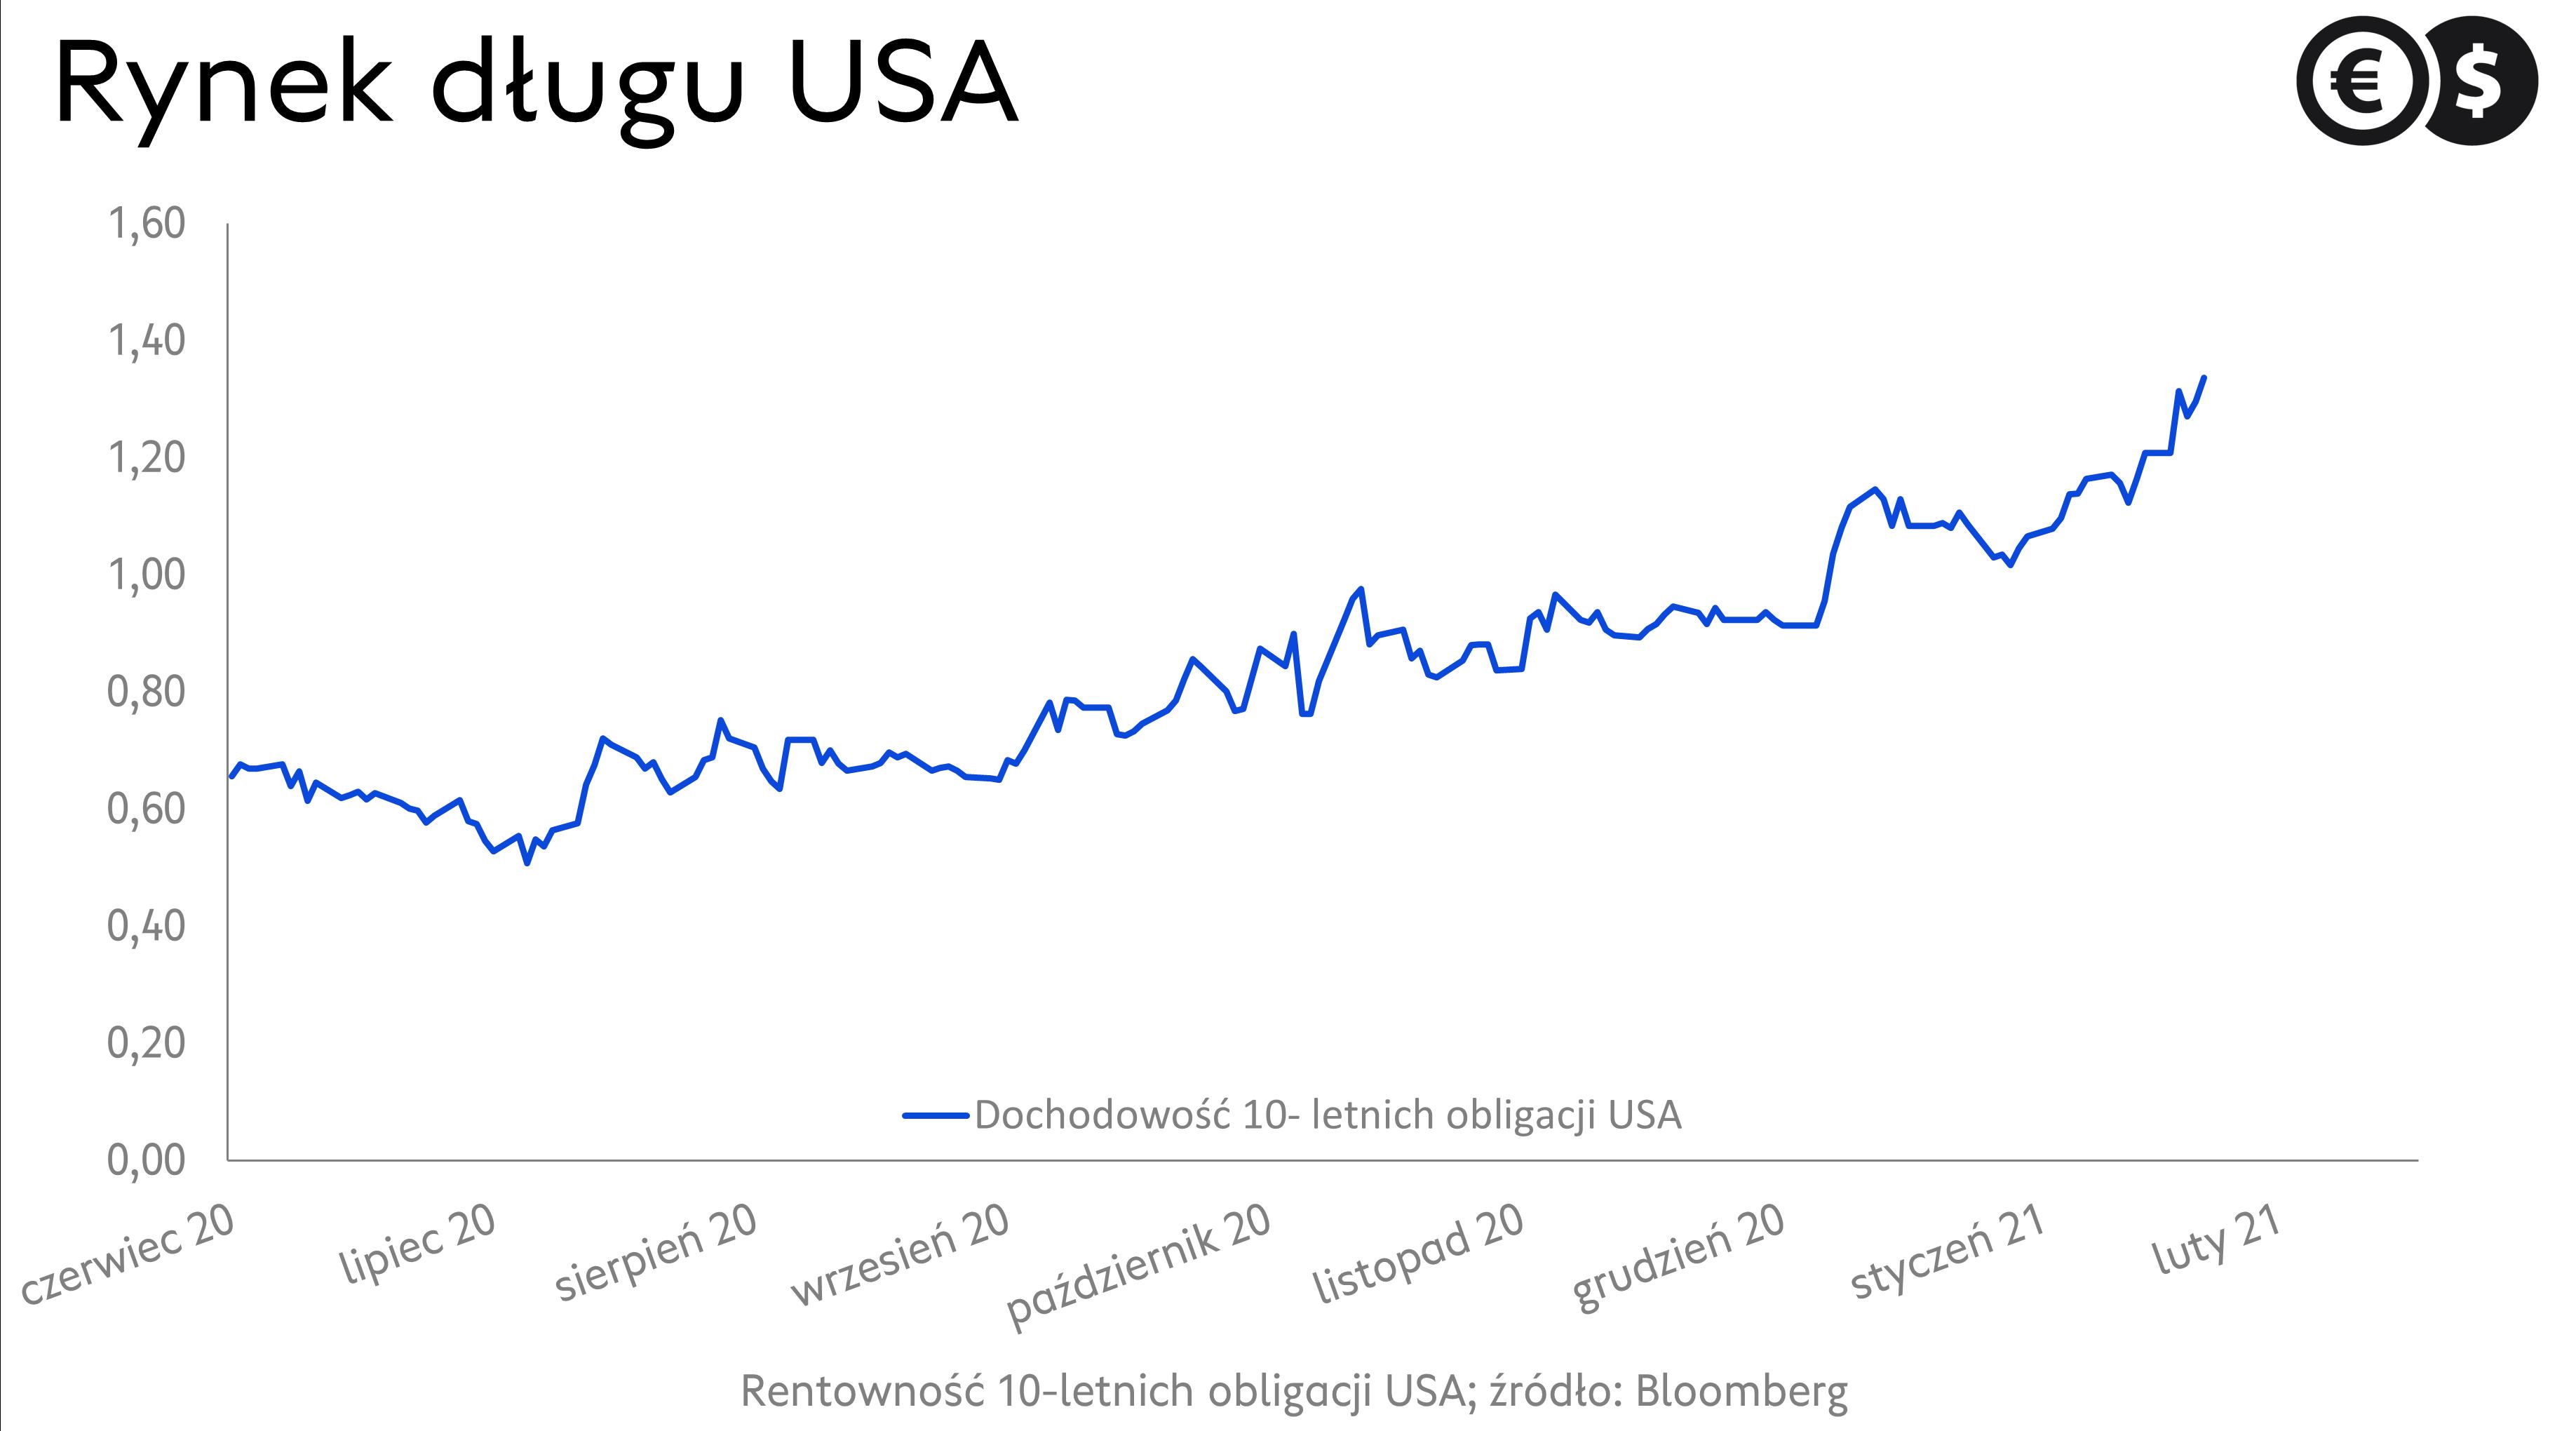 Rynek długu w USA